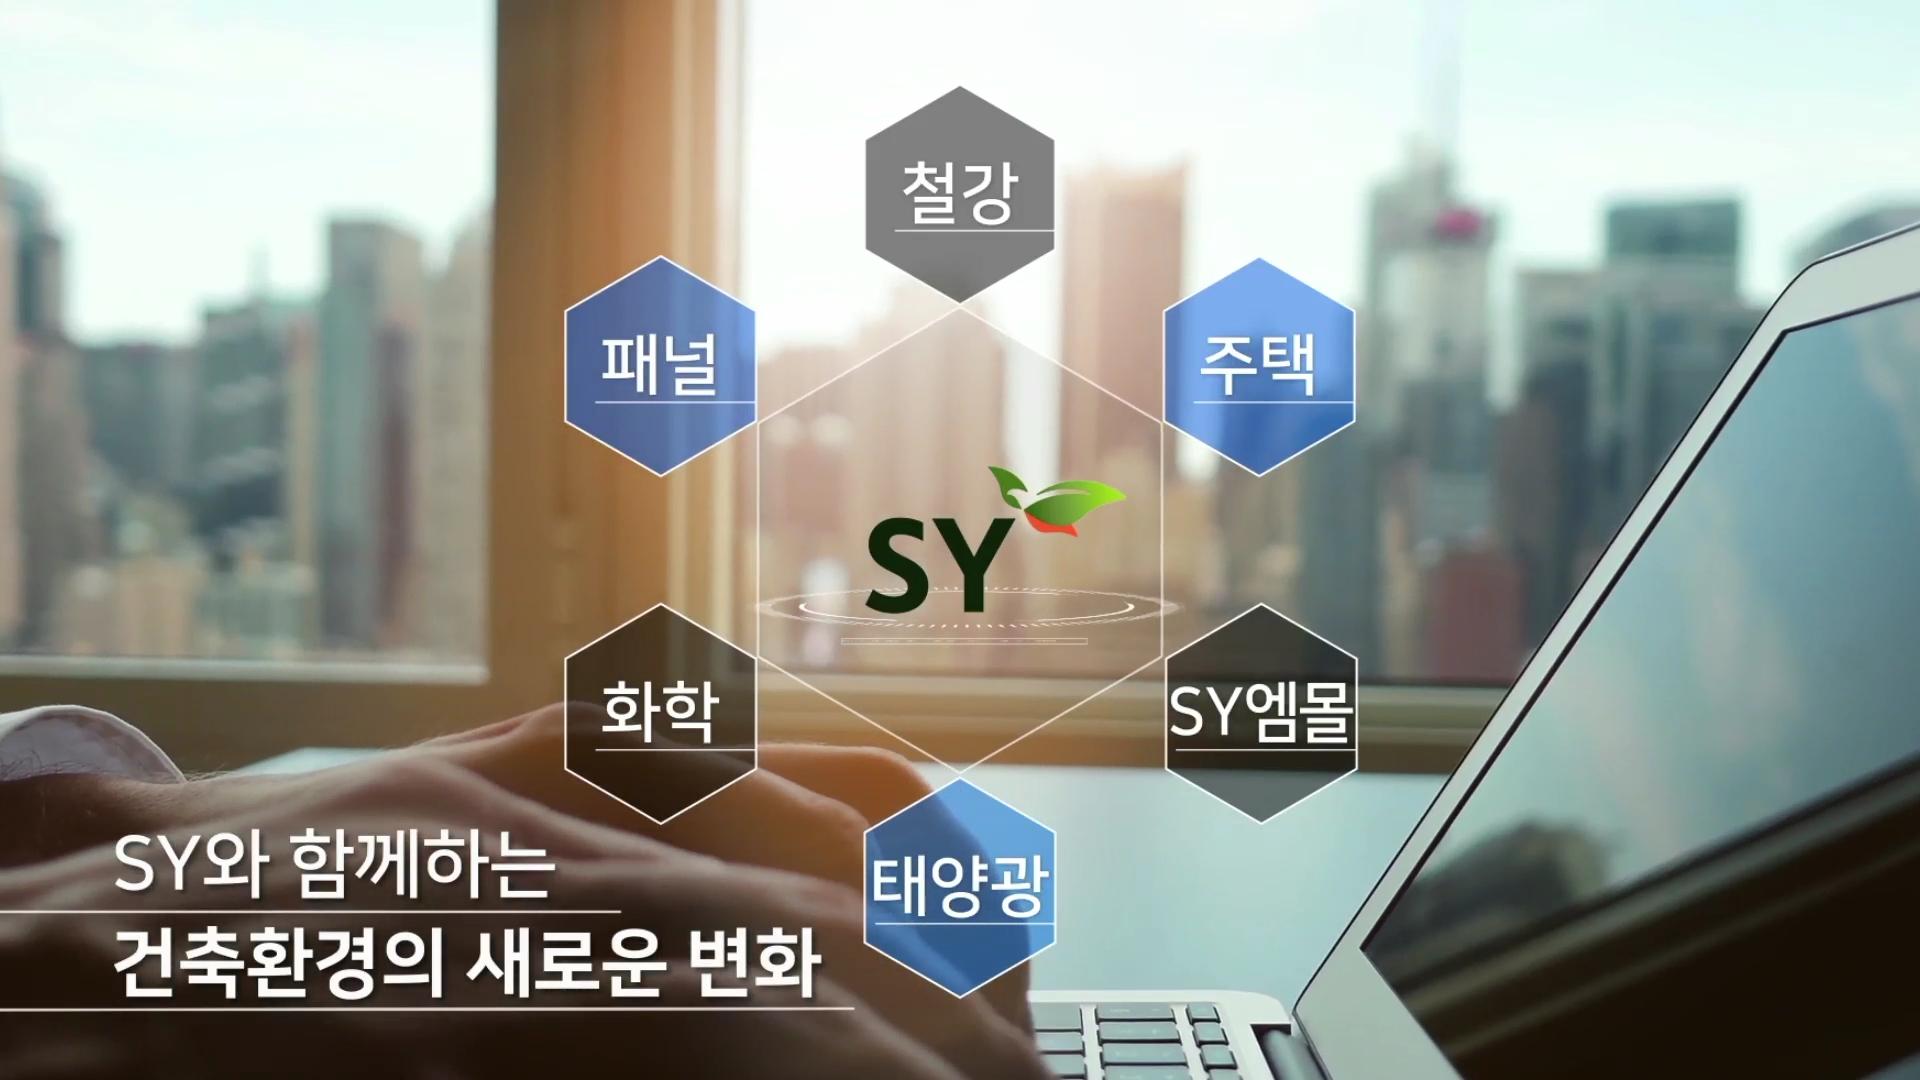 [국문]2019 에스와이(SY) 회사소개영상